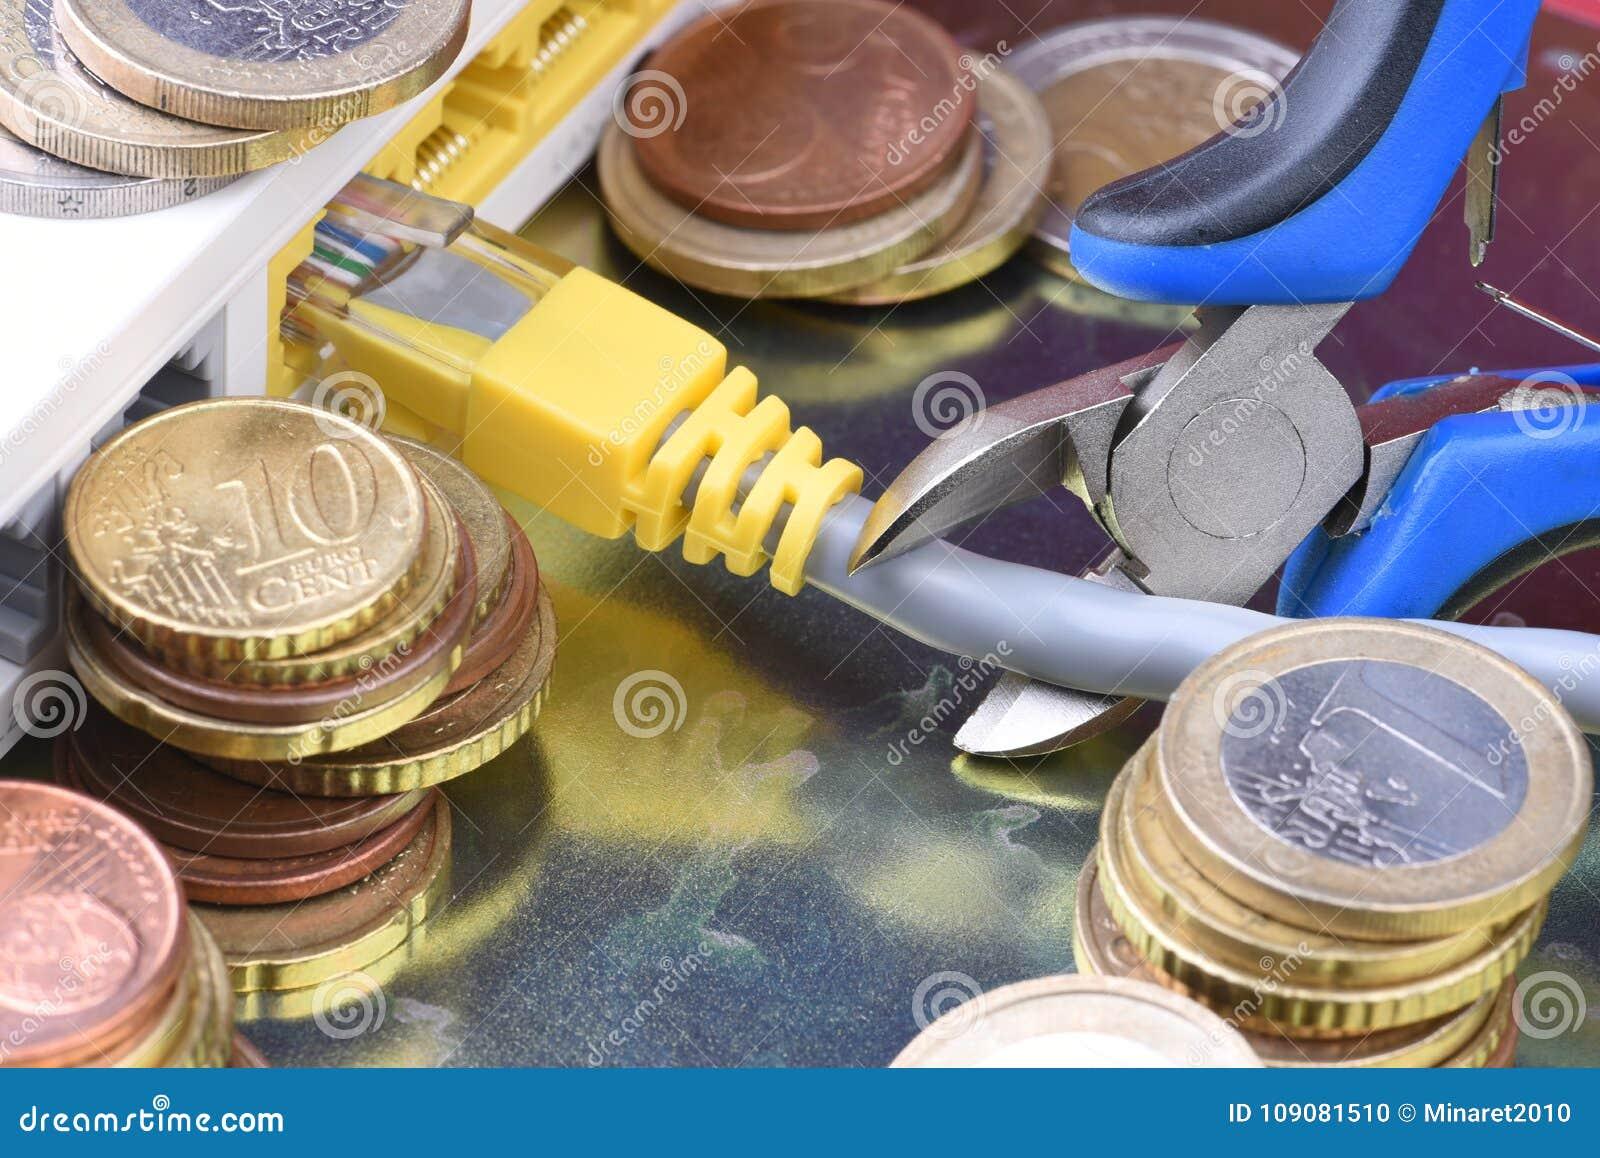 Монетки и маршрутизатор интернета, оплаченный доступ к сети